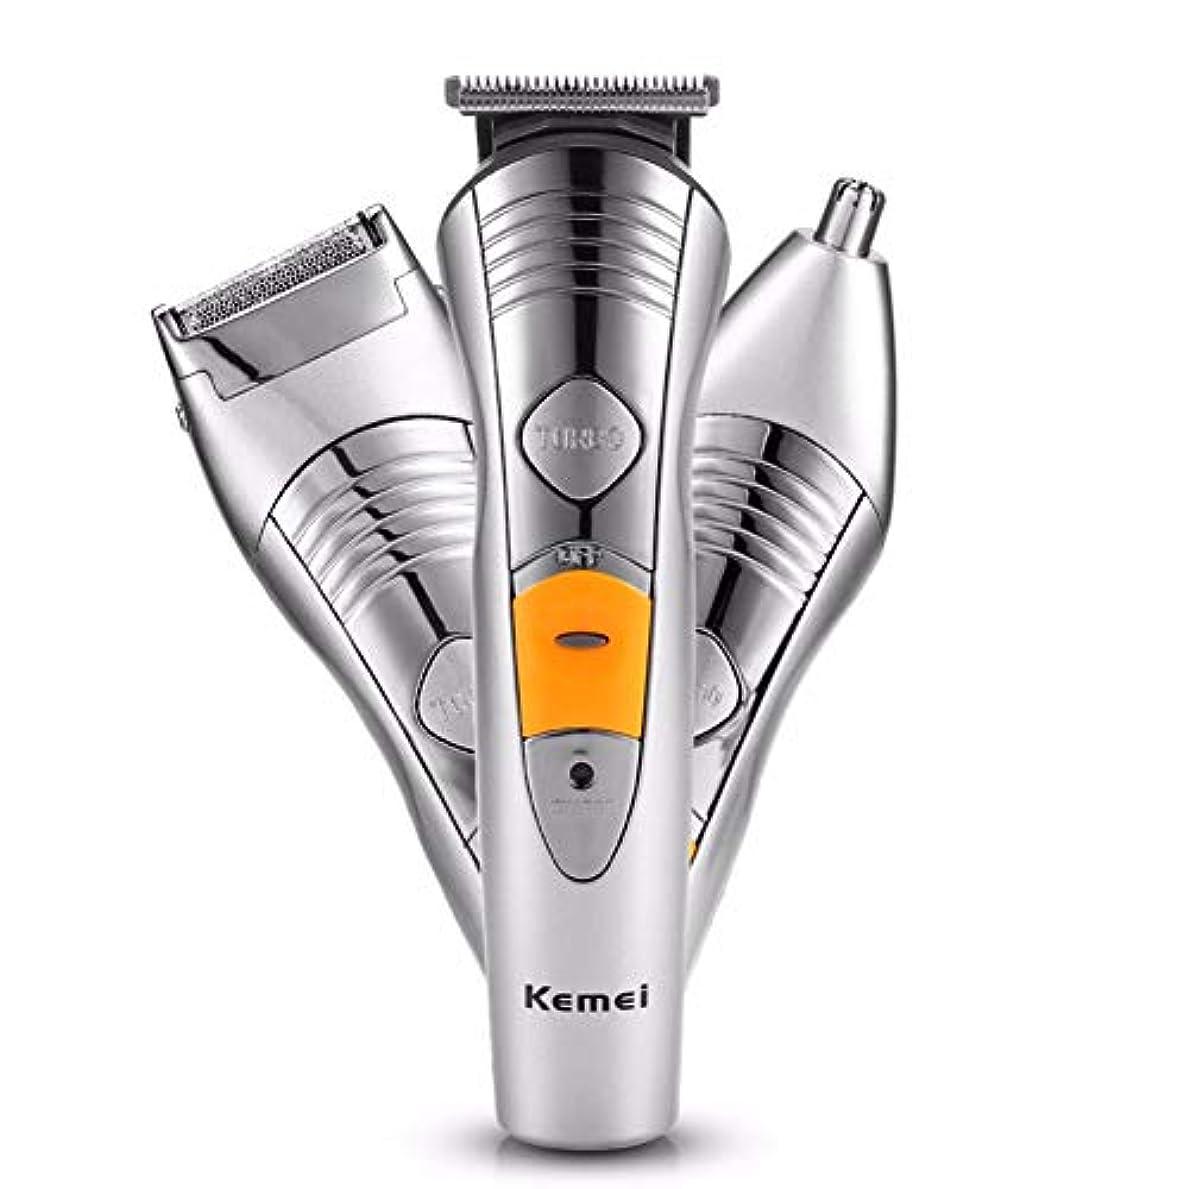 反対上気分が良い1つの専門の電気かみそりかみそりの男性を剃る機械再充電可能な鼻の耳の毛のトリマーのクリッパーに付き7つ